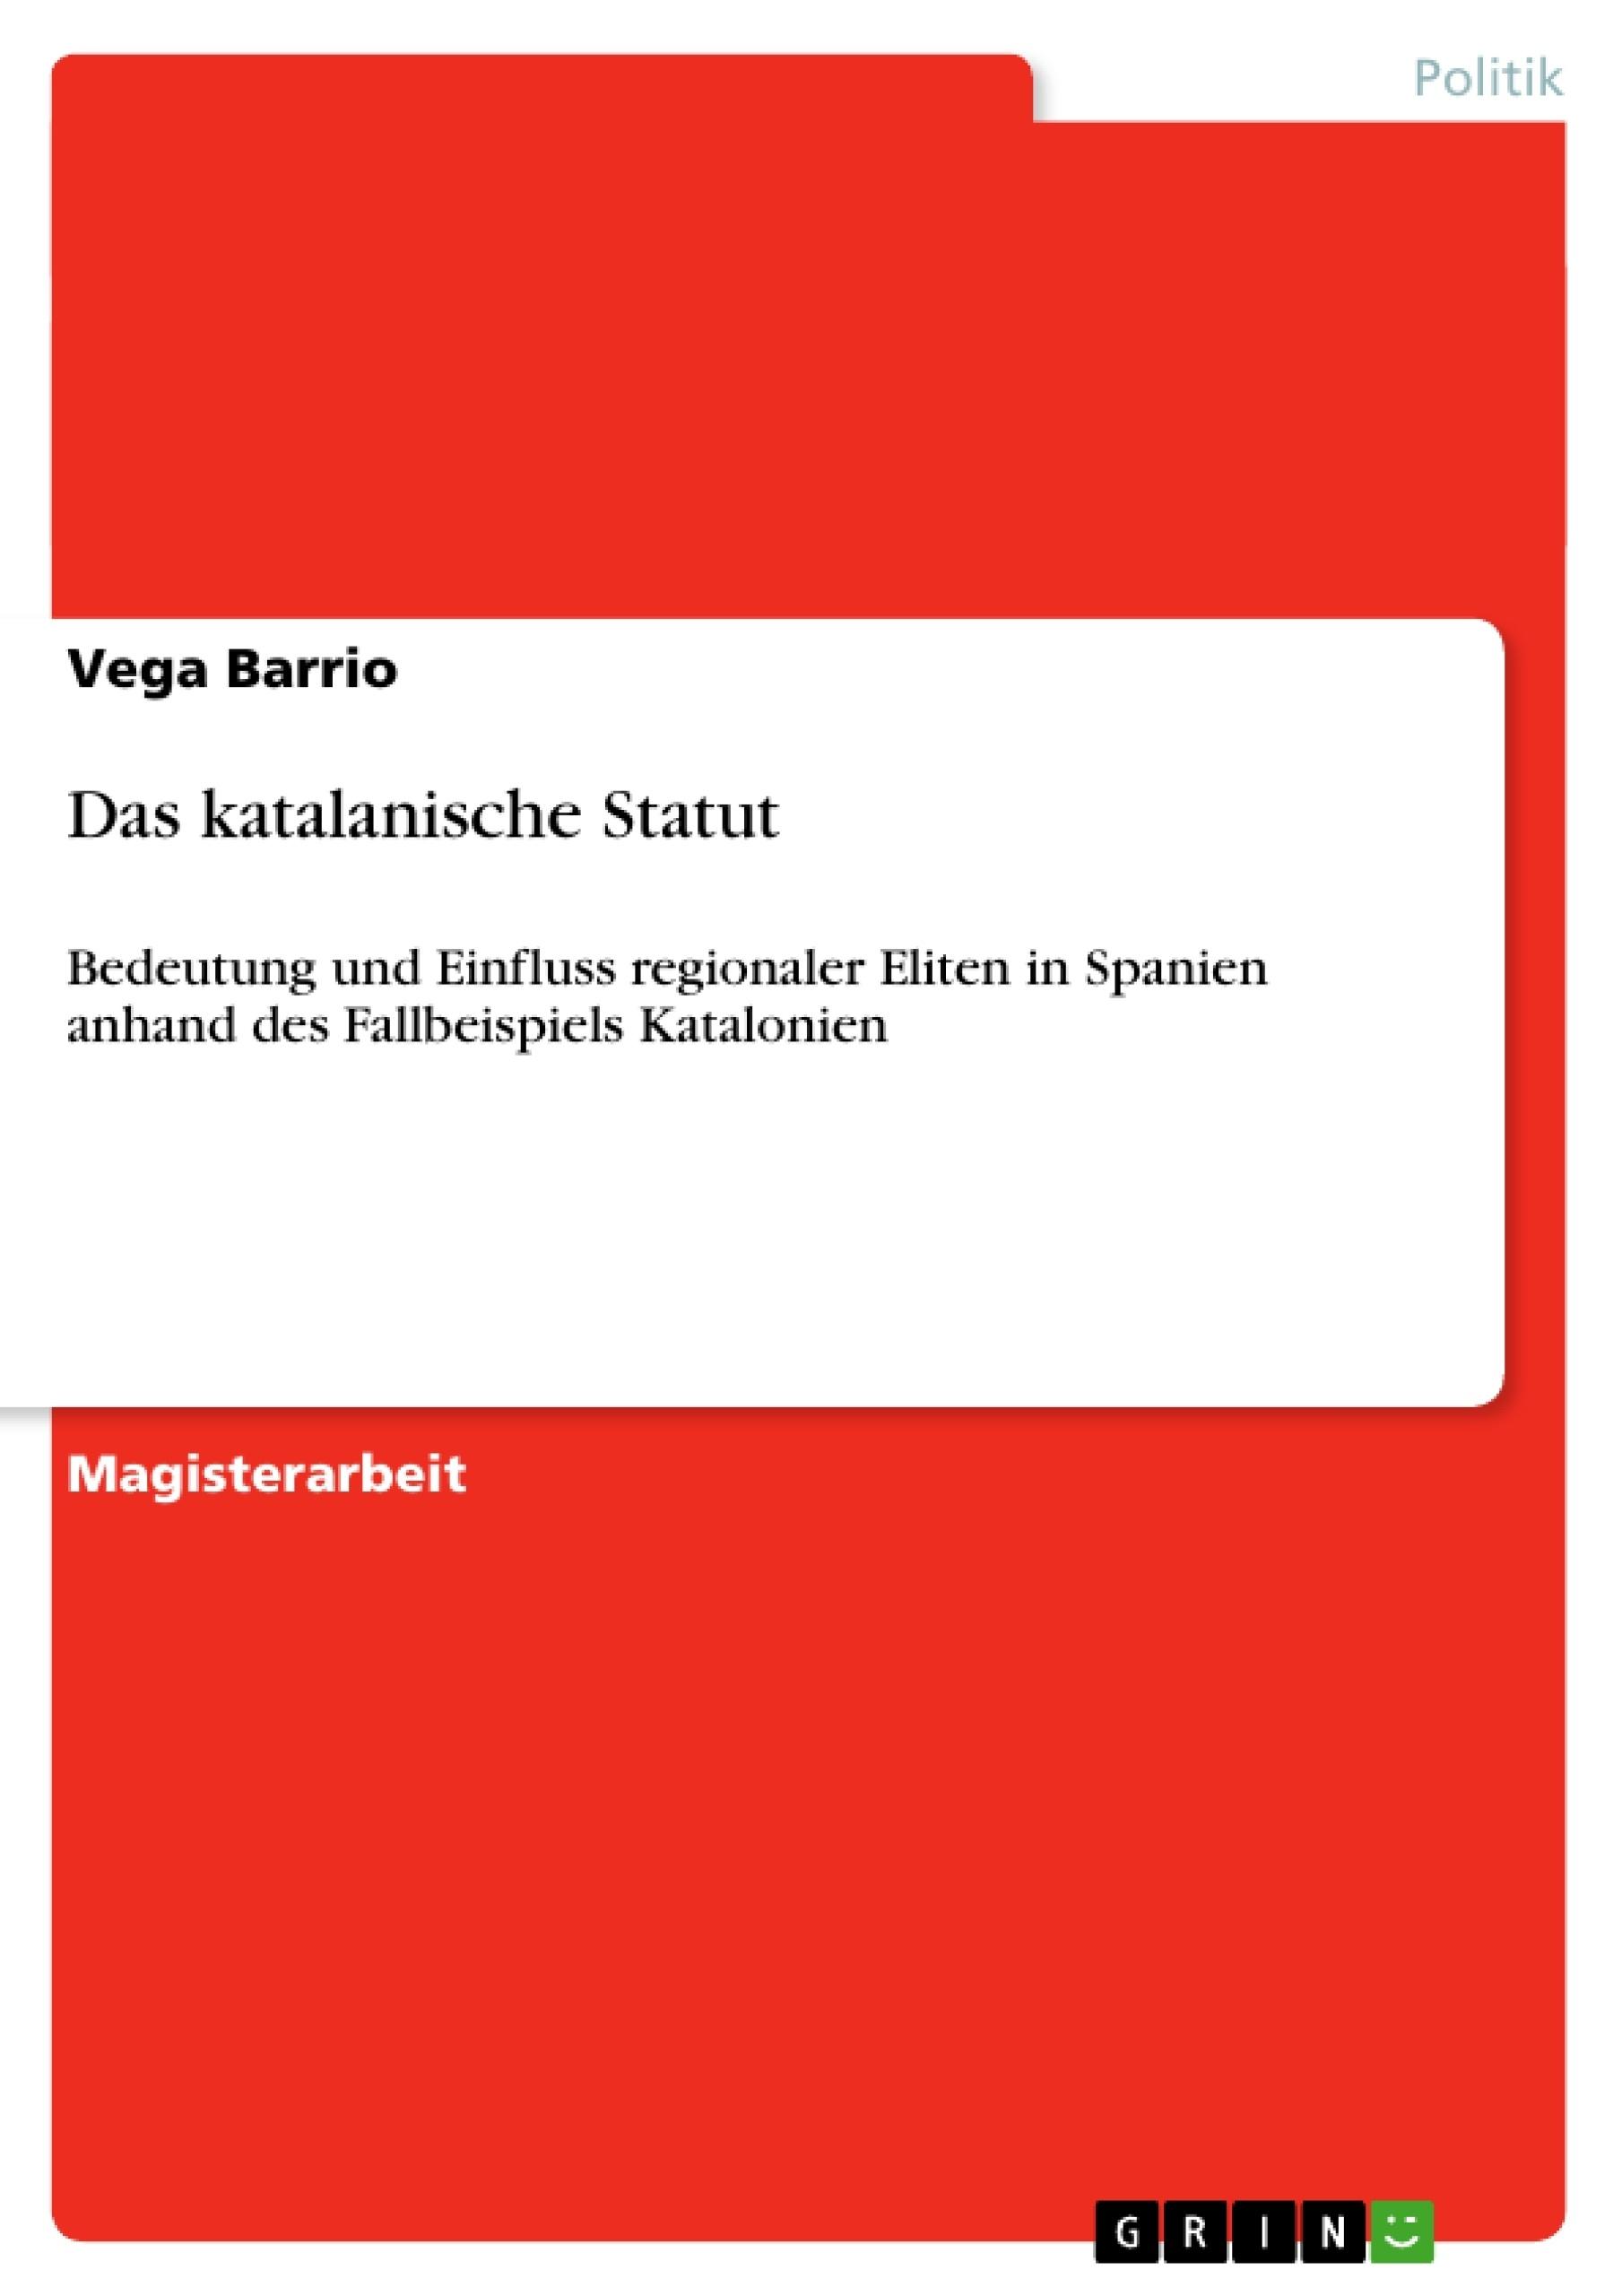 Titel: Das katalanische Statut